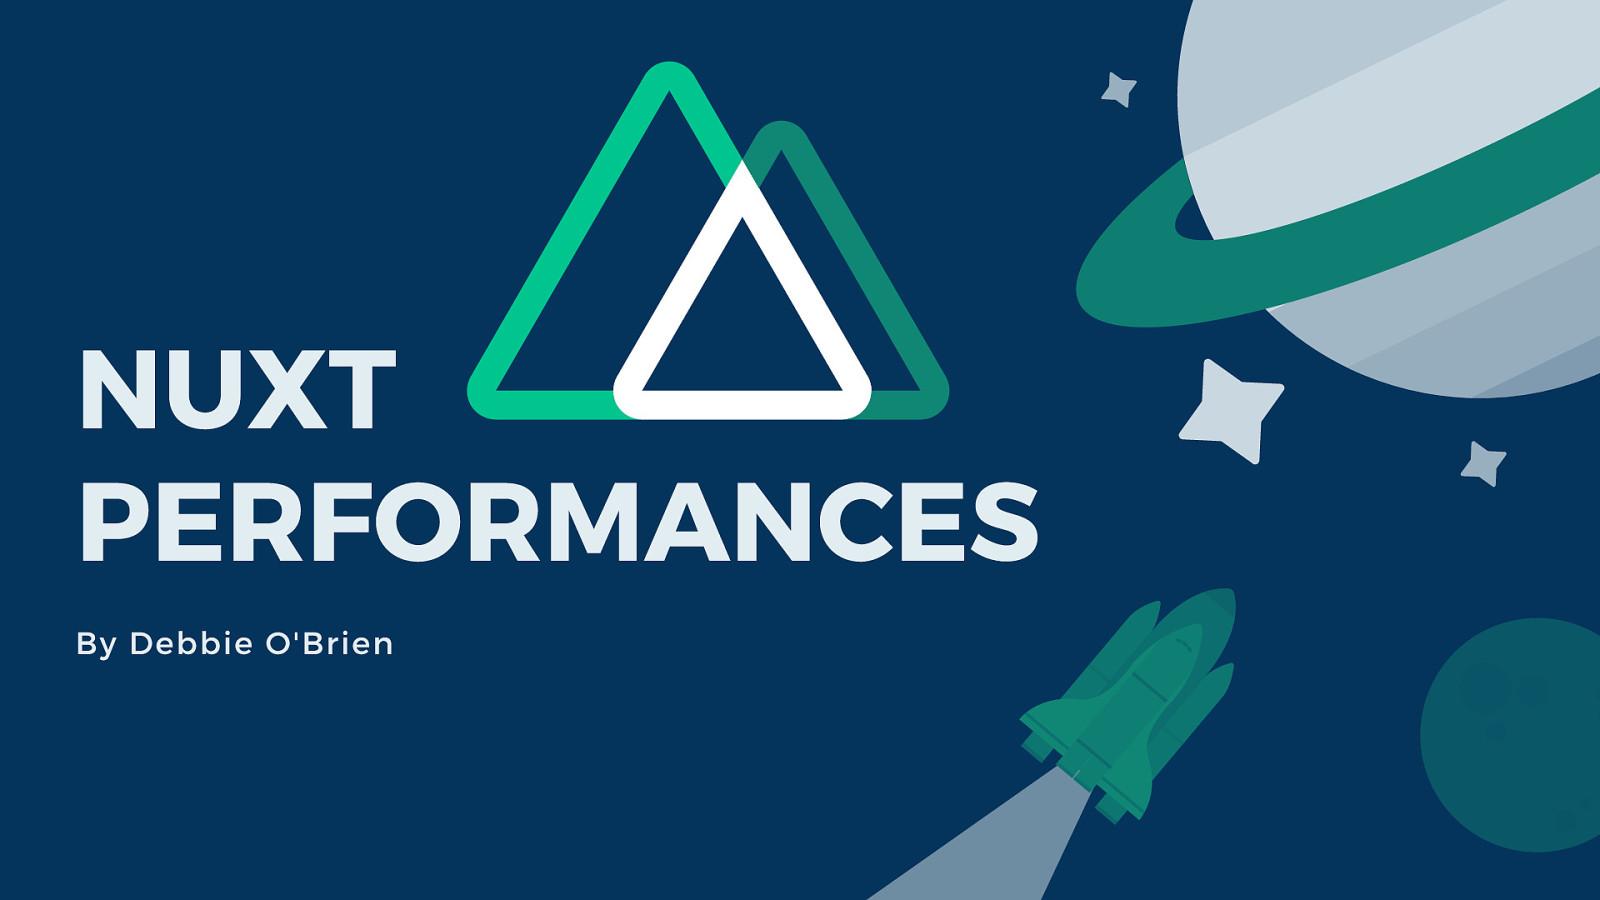 Nuxt Performances